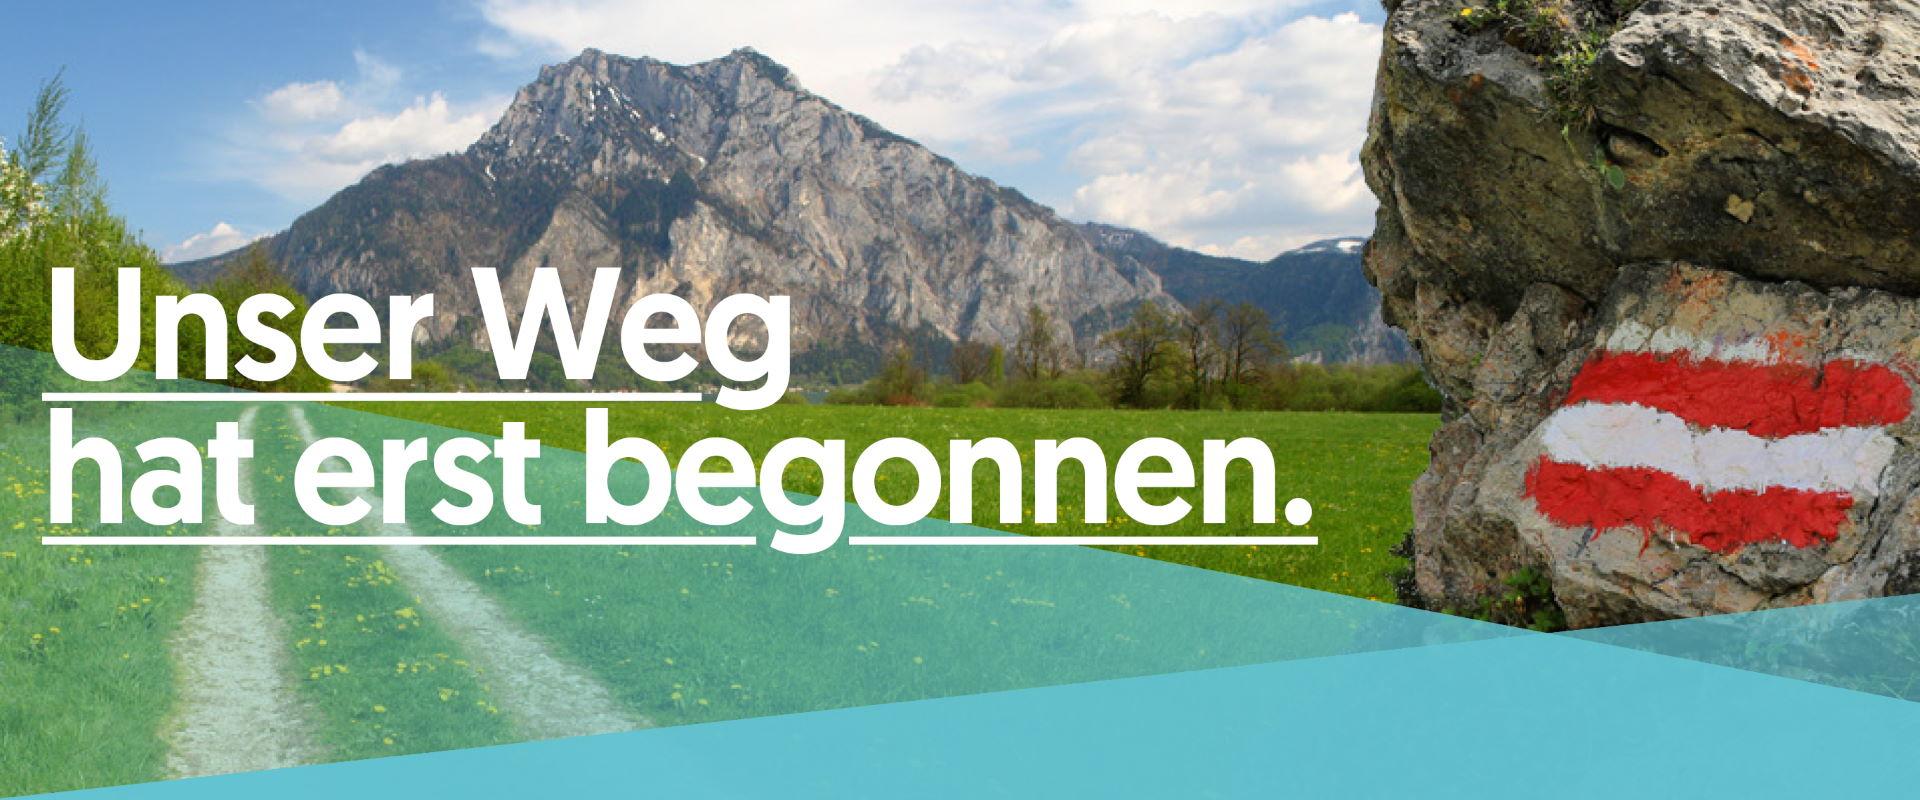 Unser Weg hat erst begonnen - für Sebastian Kurz, für Österreich